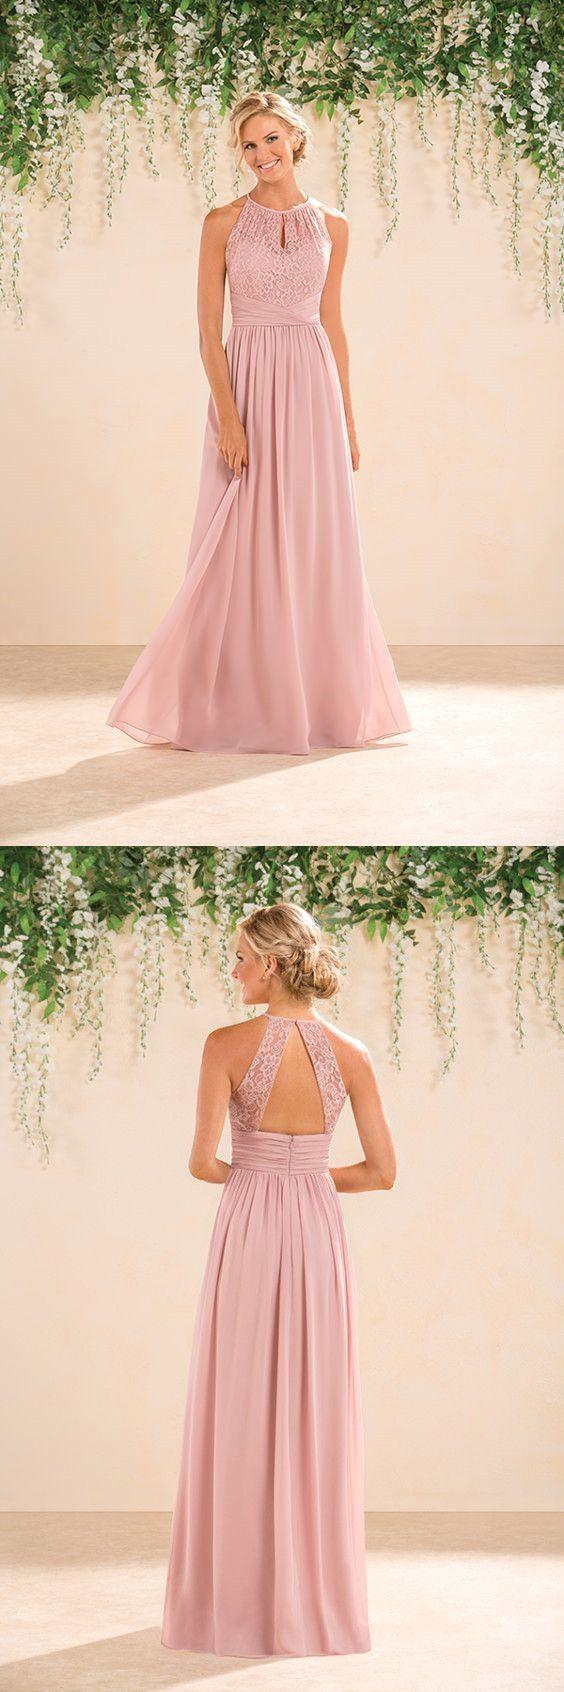 Photo of Brautjungfernkleider. Wählen Sie ein am besten geeignetes Brautjungfernkleid …